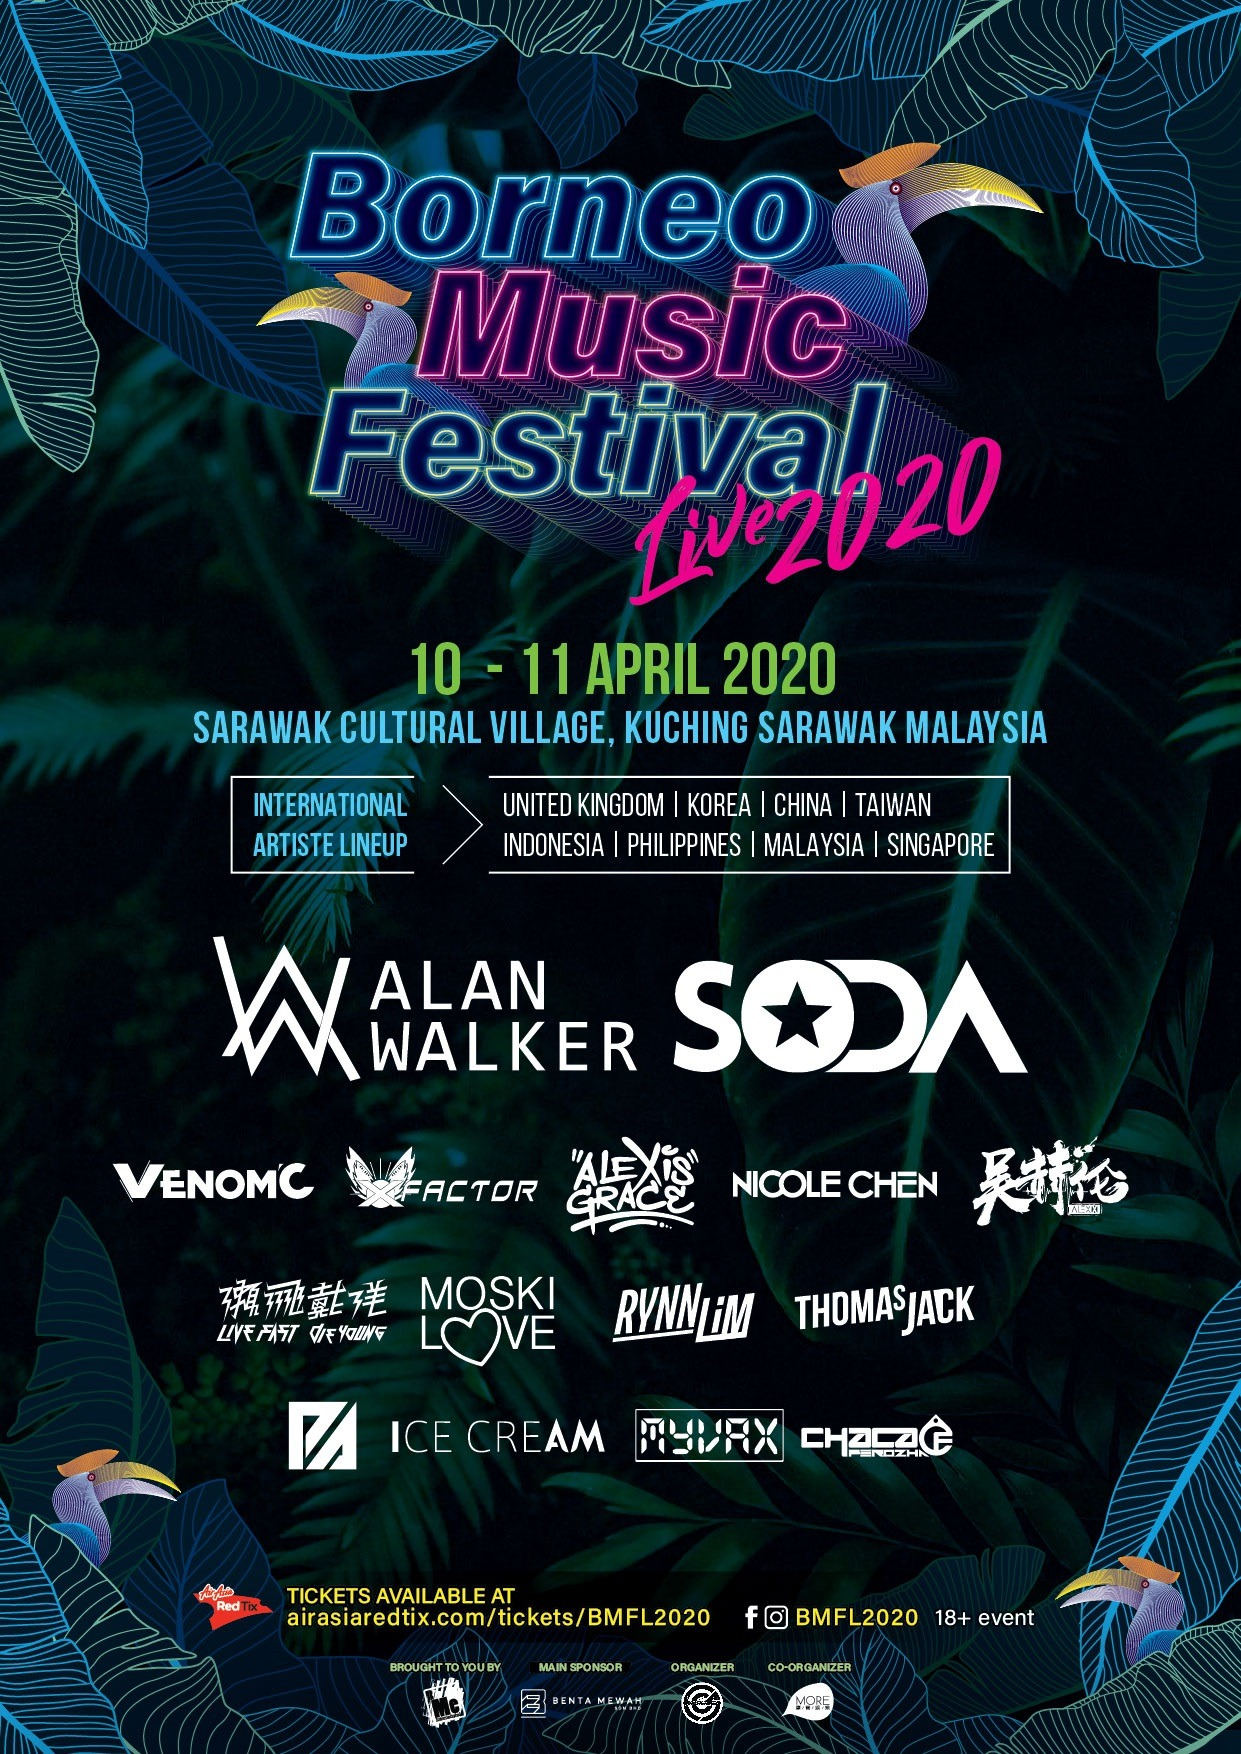 Borneo Music Festival Live 2020 Poster